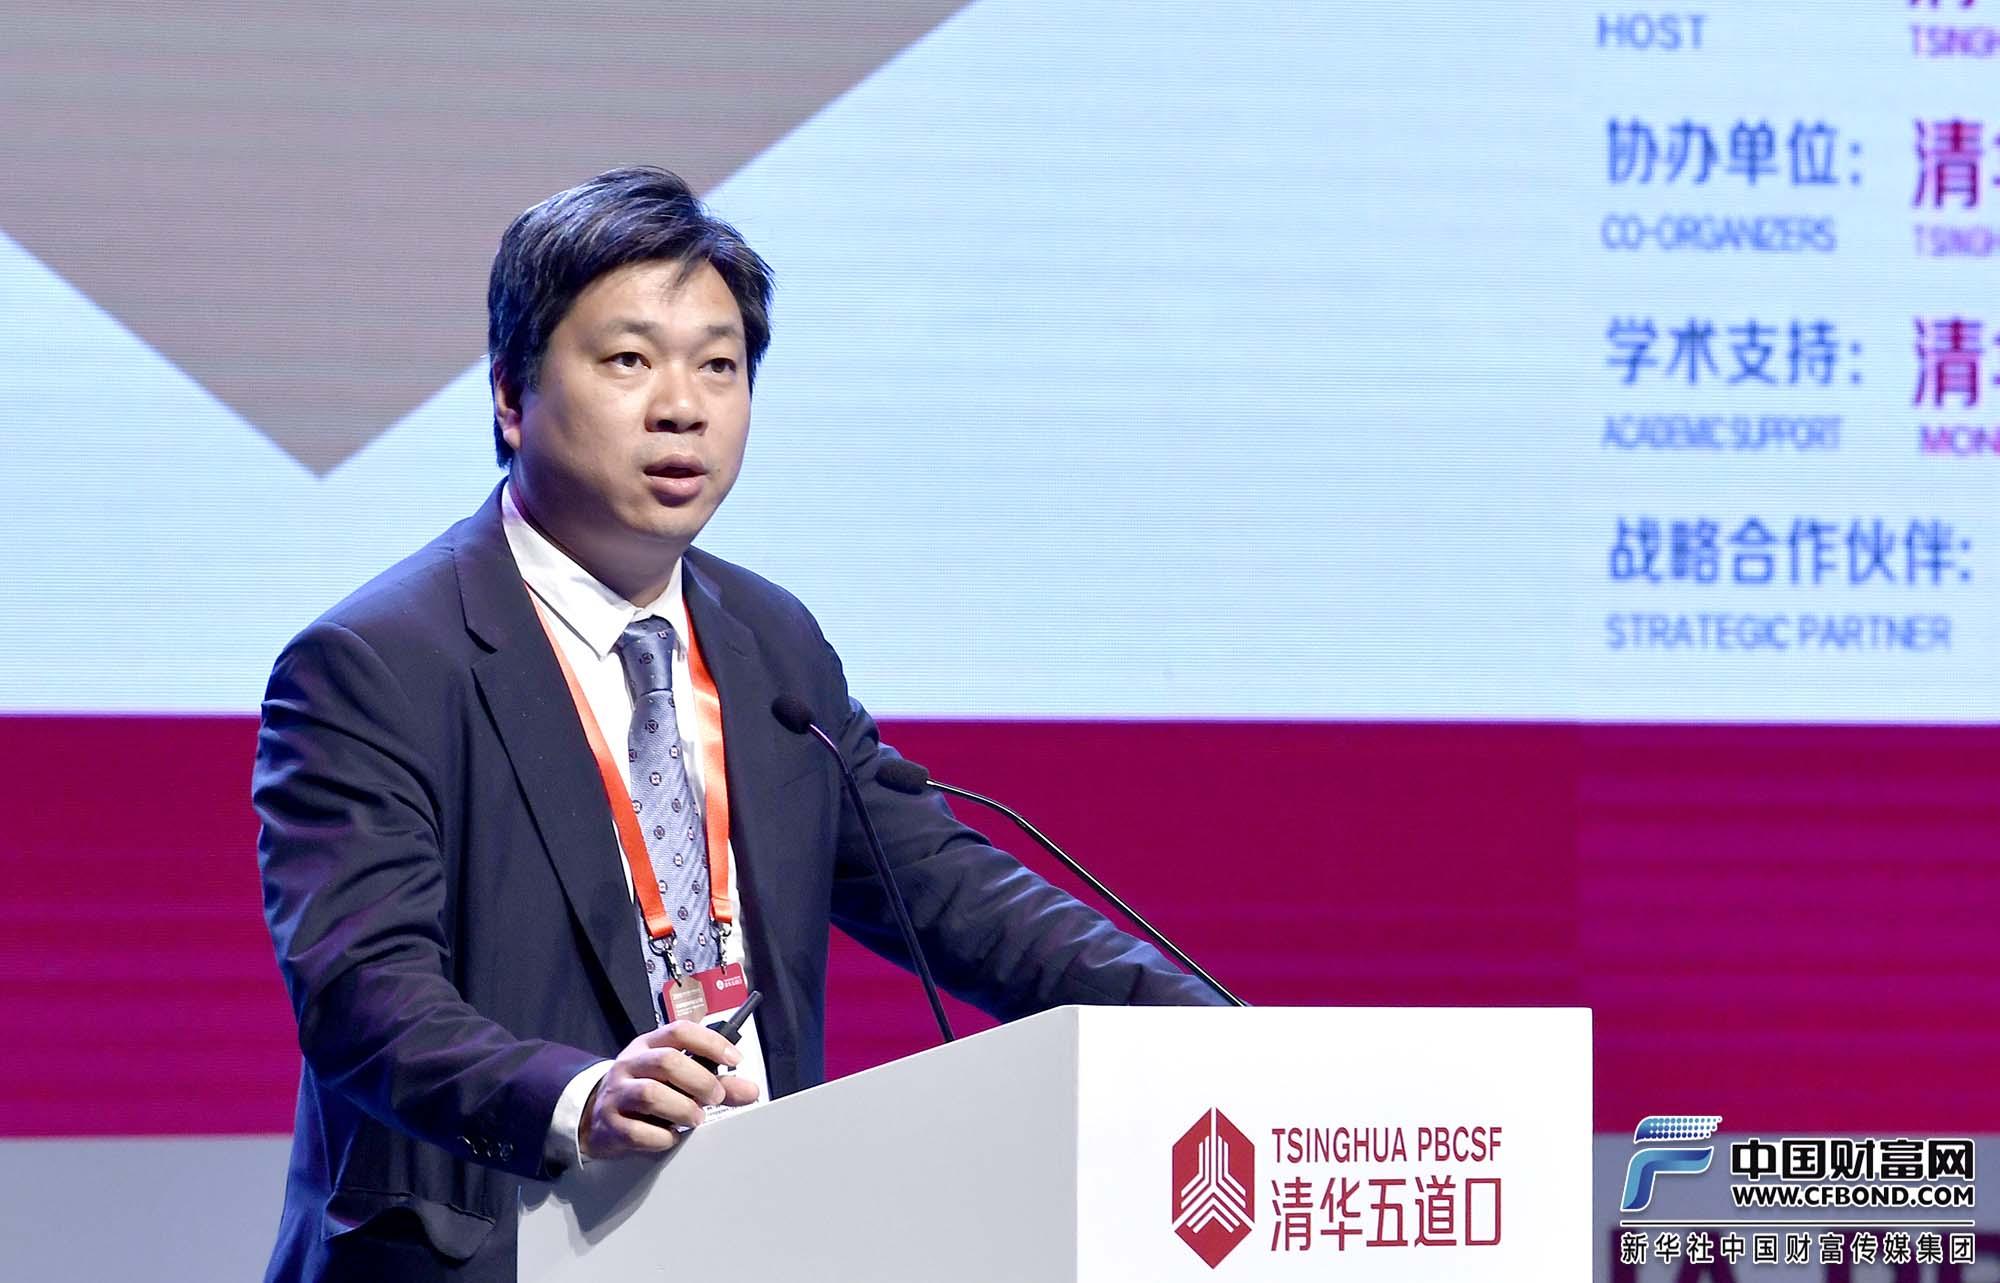 点评嘉宾:摩根大通董事总经理朱海斌